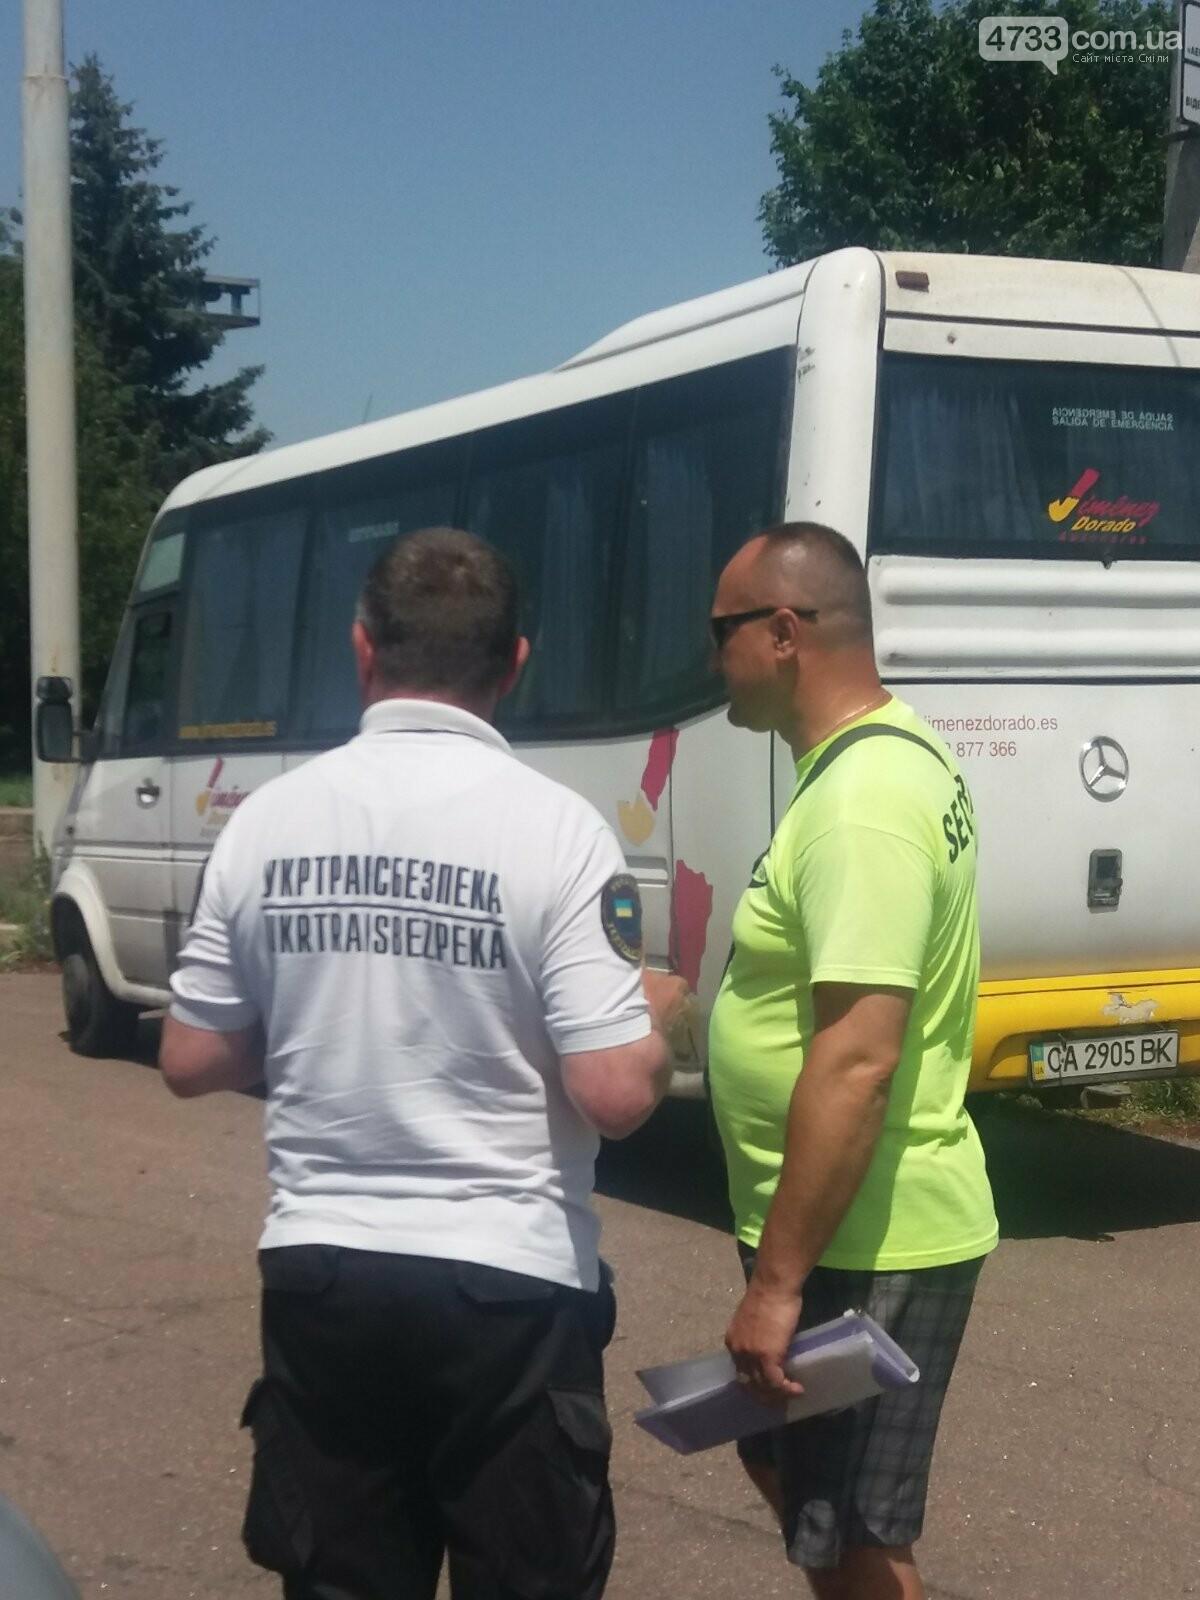 На черкащині перевіряють нелегальні перевезення пасажирів, фото-1